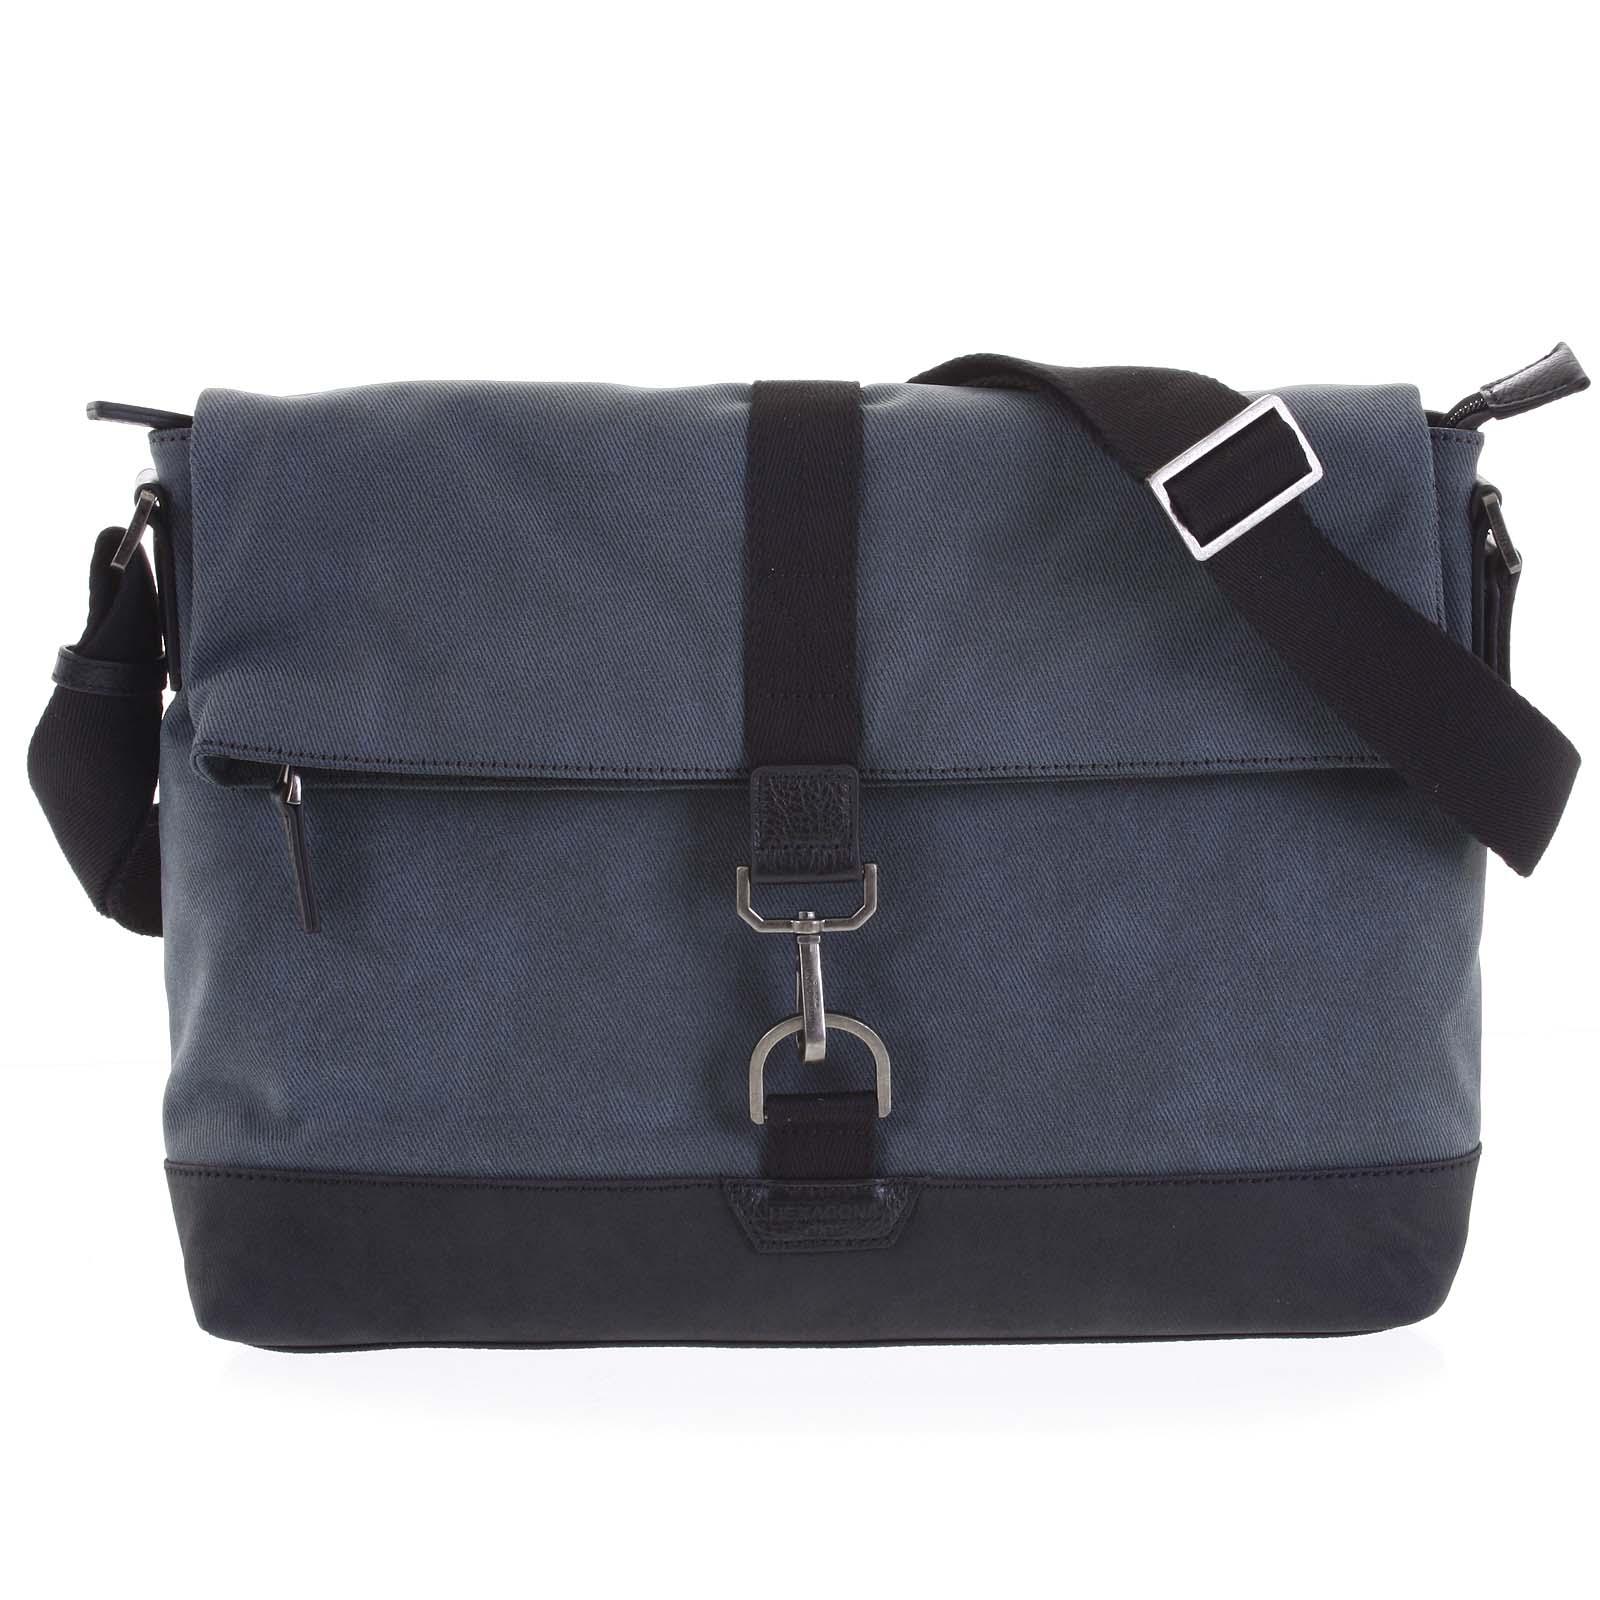 Pánska taška na notebook modrá - Hexagona Cladrien modrá